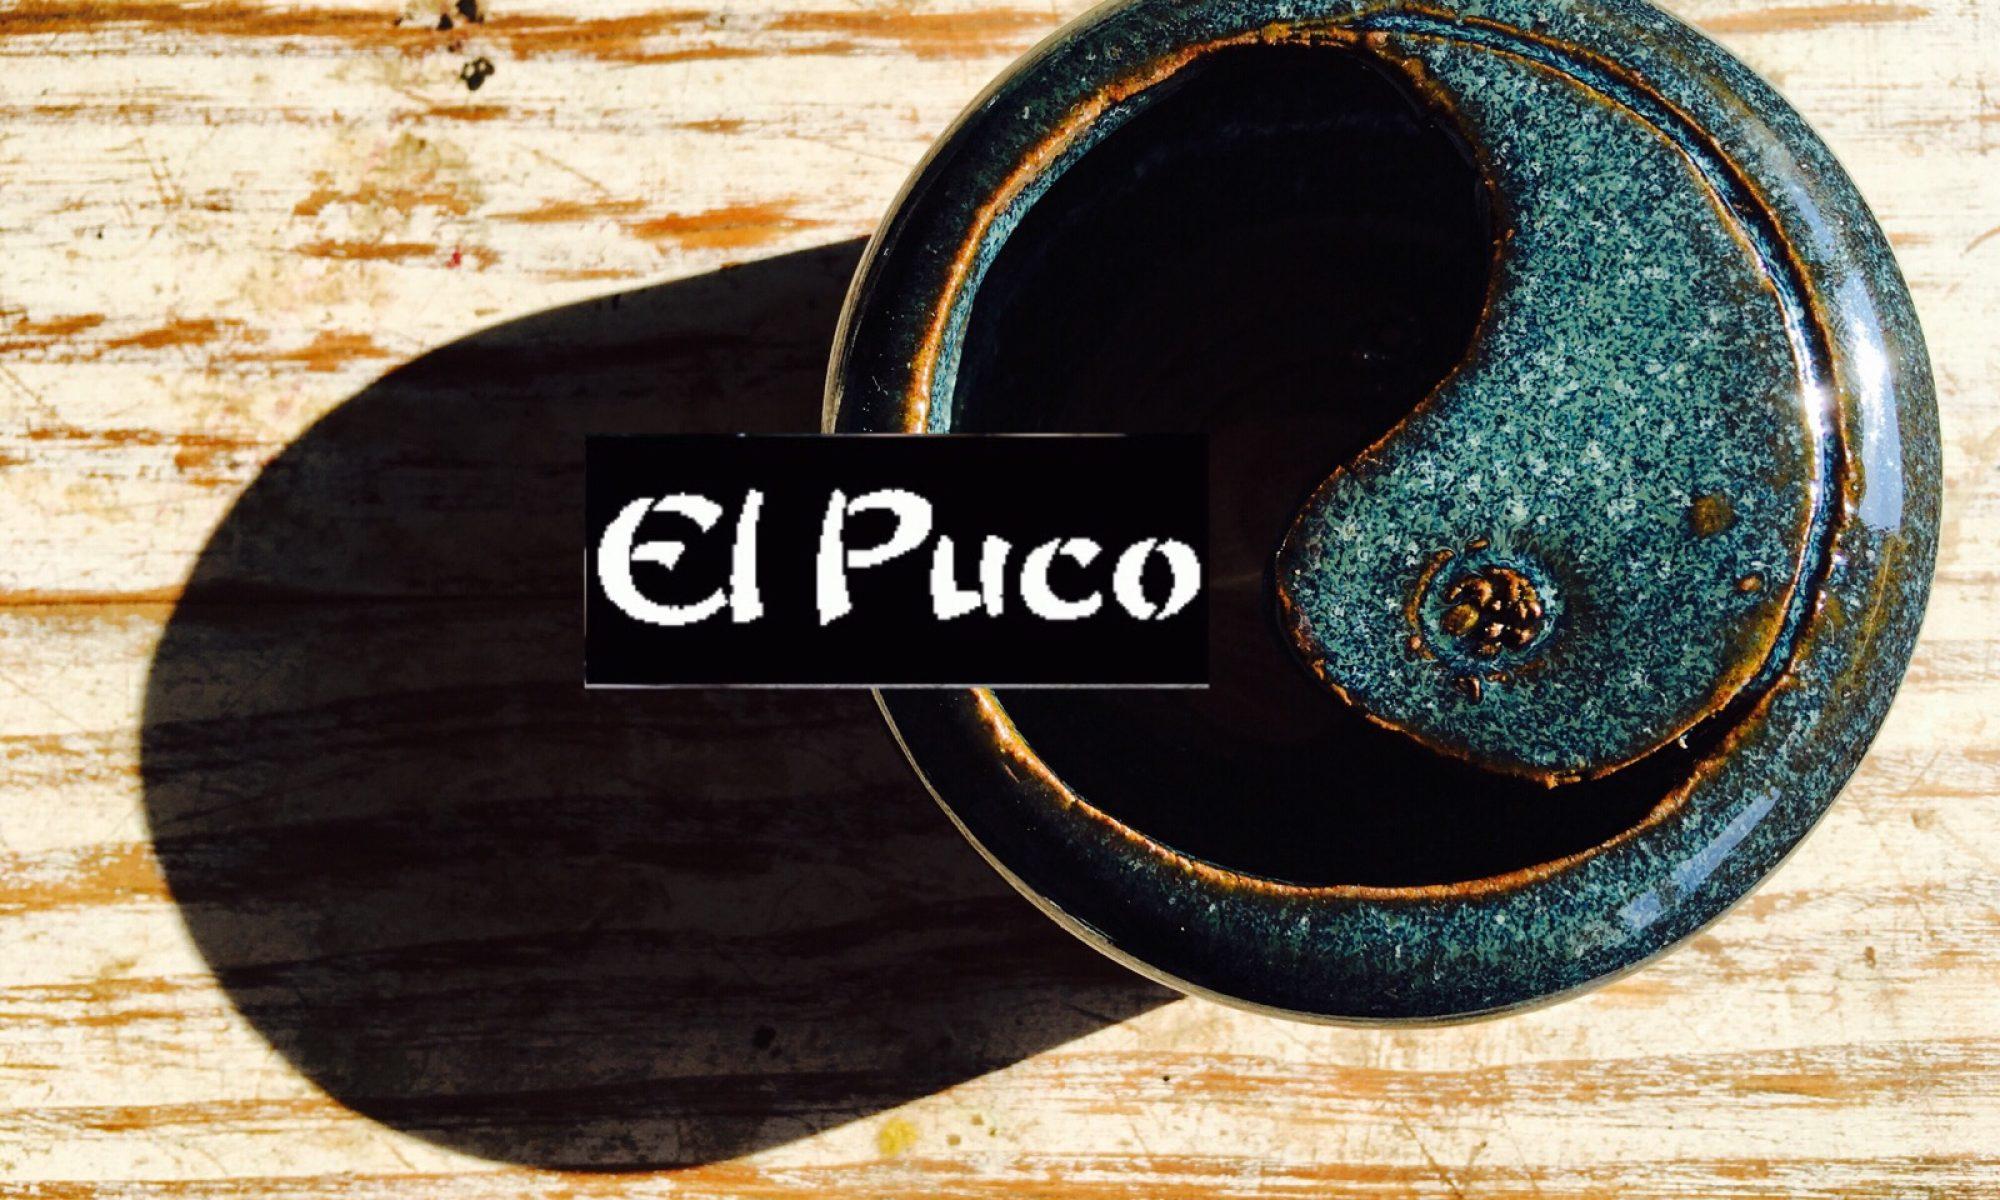 El Puco. Taller de enseñanza de alfareria y cerámica artística